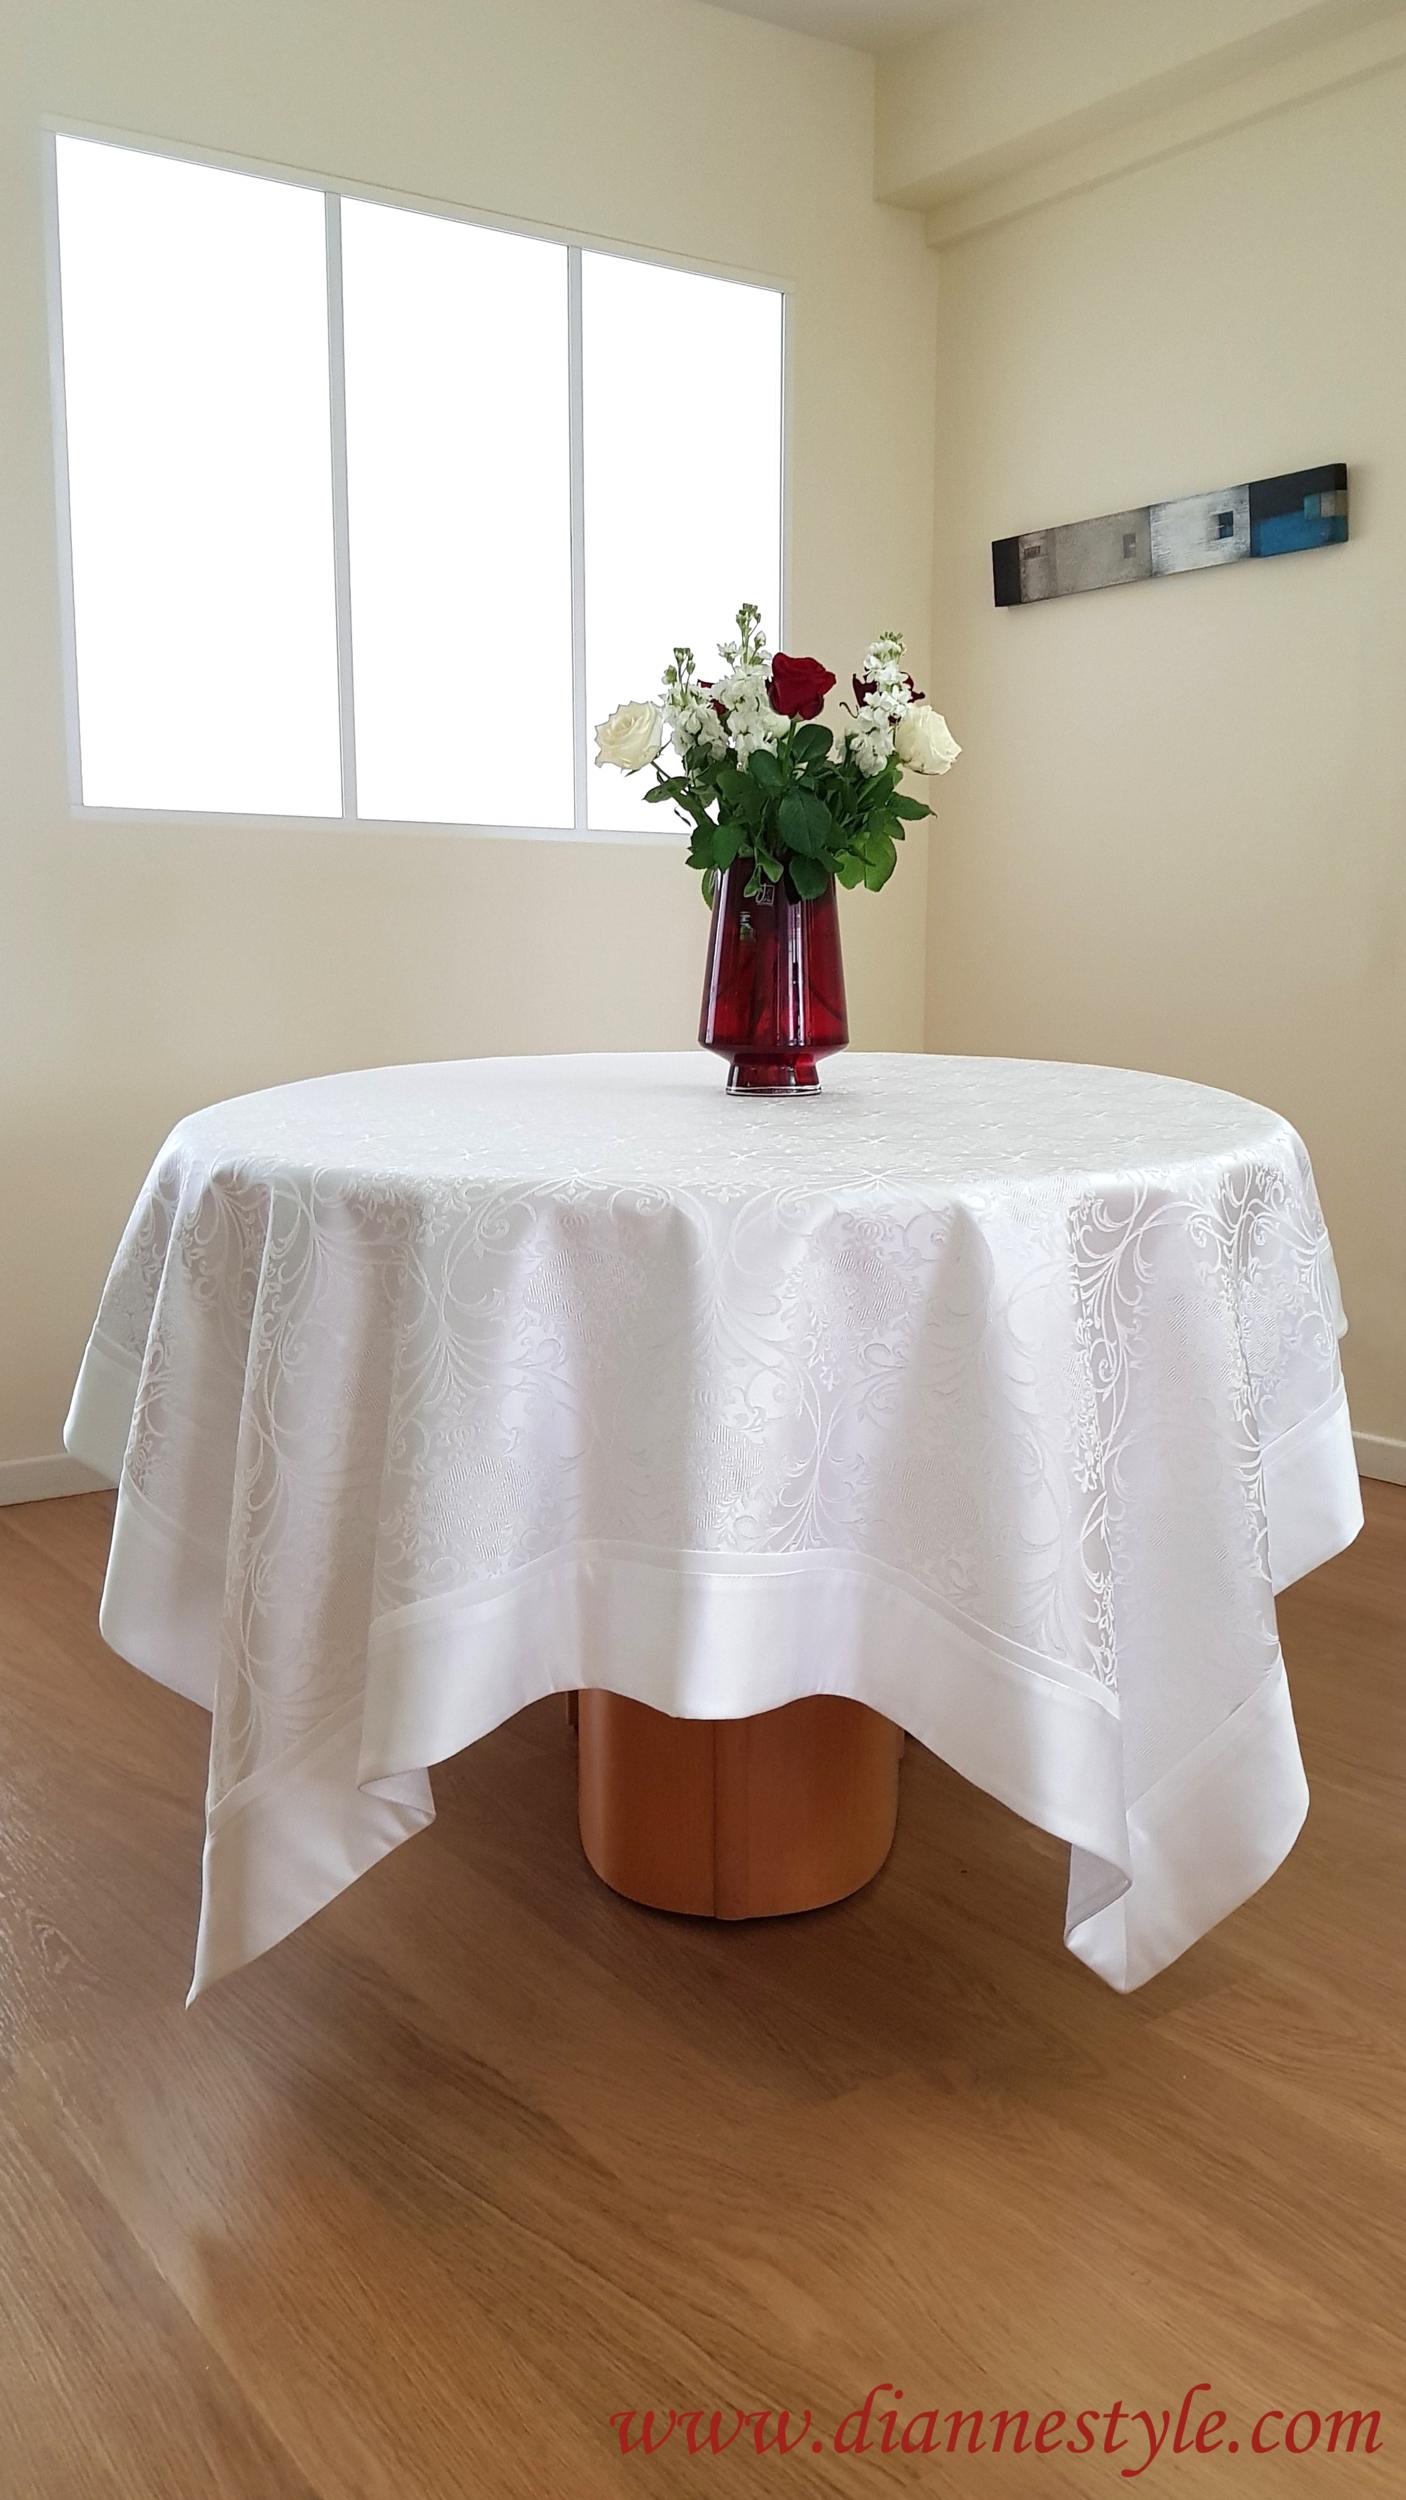 Nappe blanche damassée Perle 180x240 cm. Réf. 123